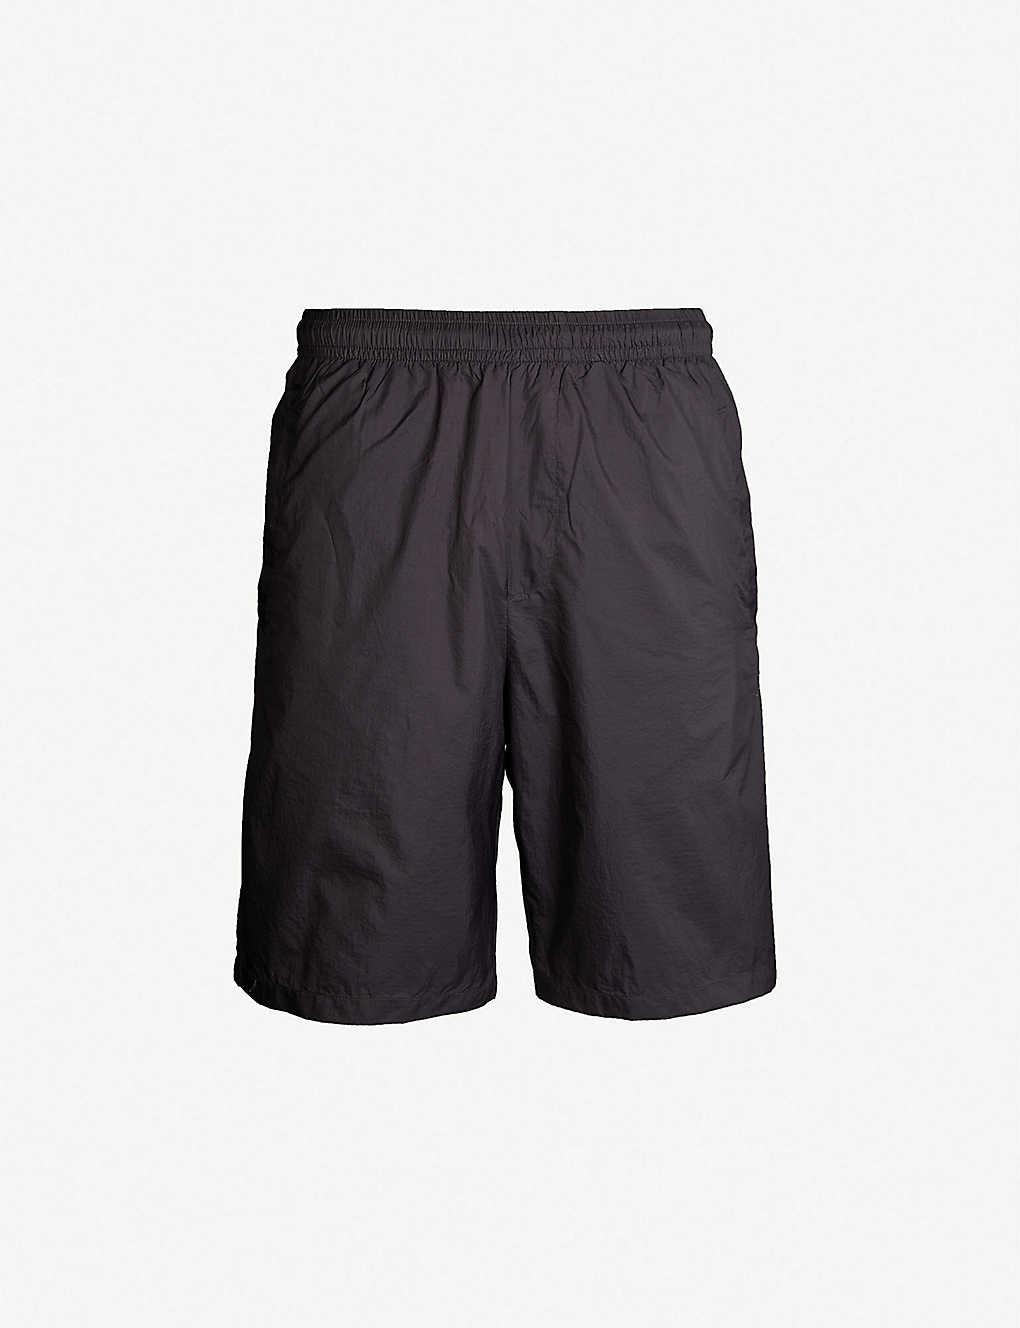 80434e4d93 ACNE STUDIOS - Romeo ripstop nylon shorts | Selfridges.com